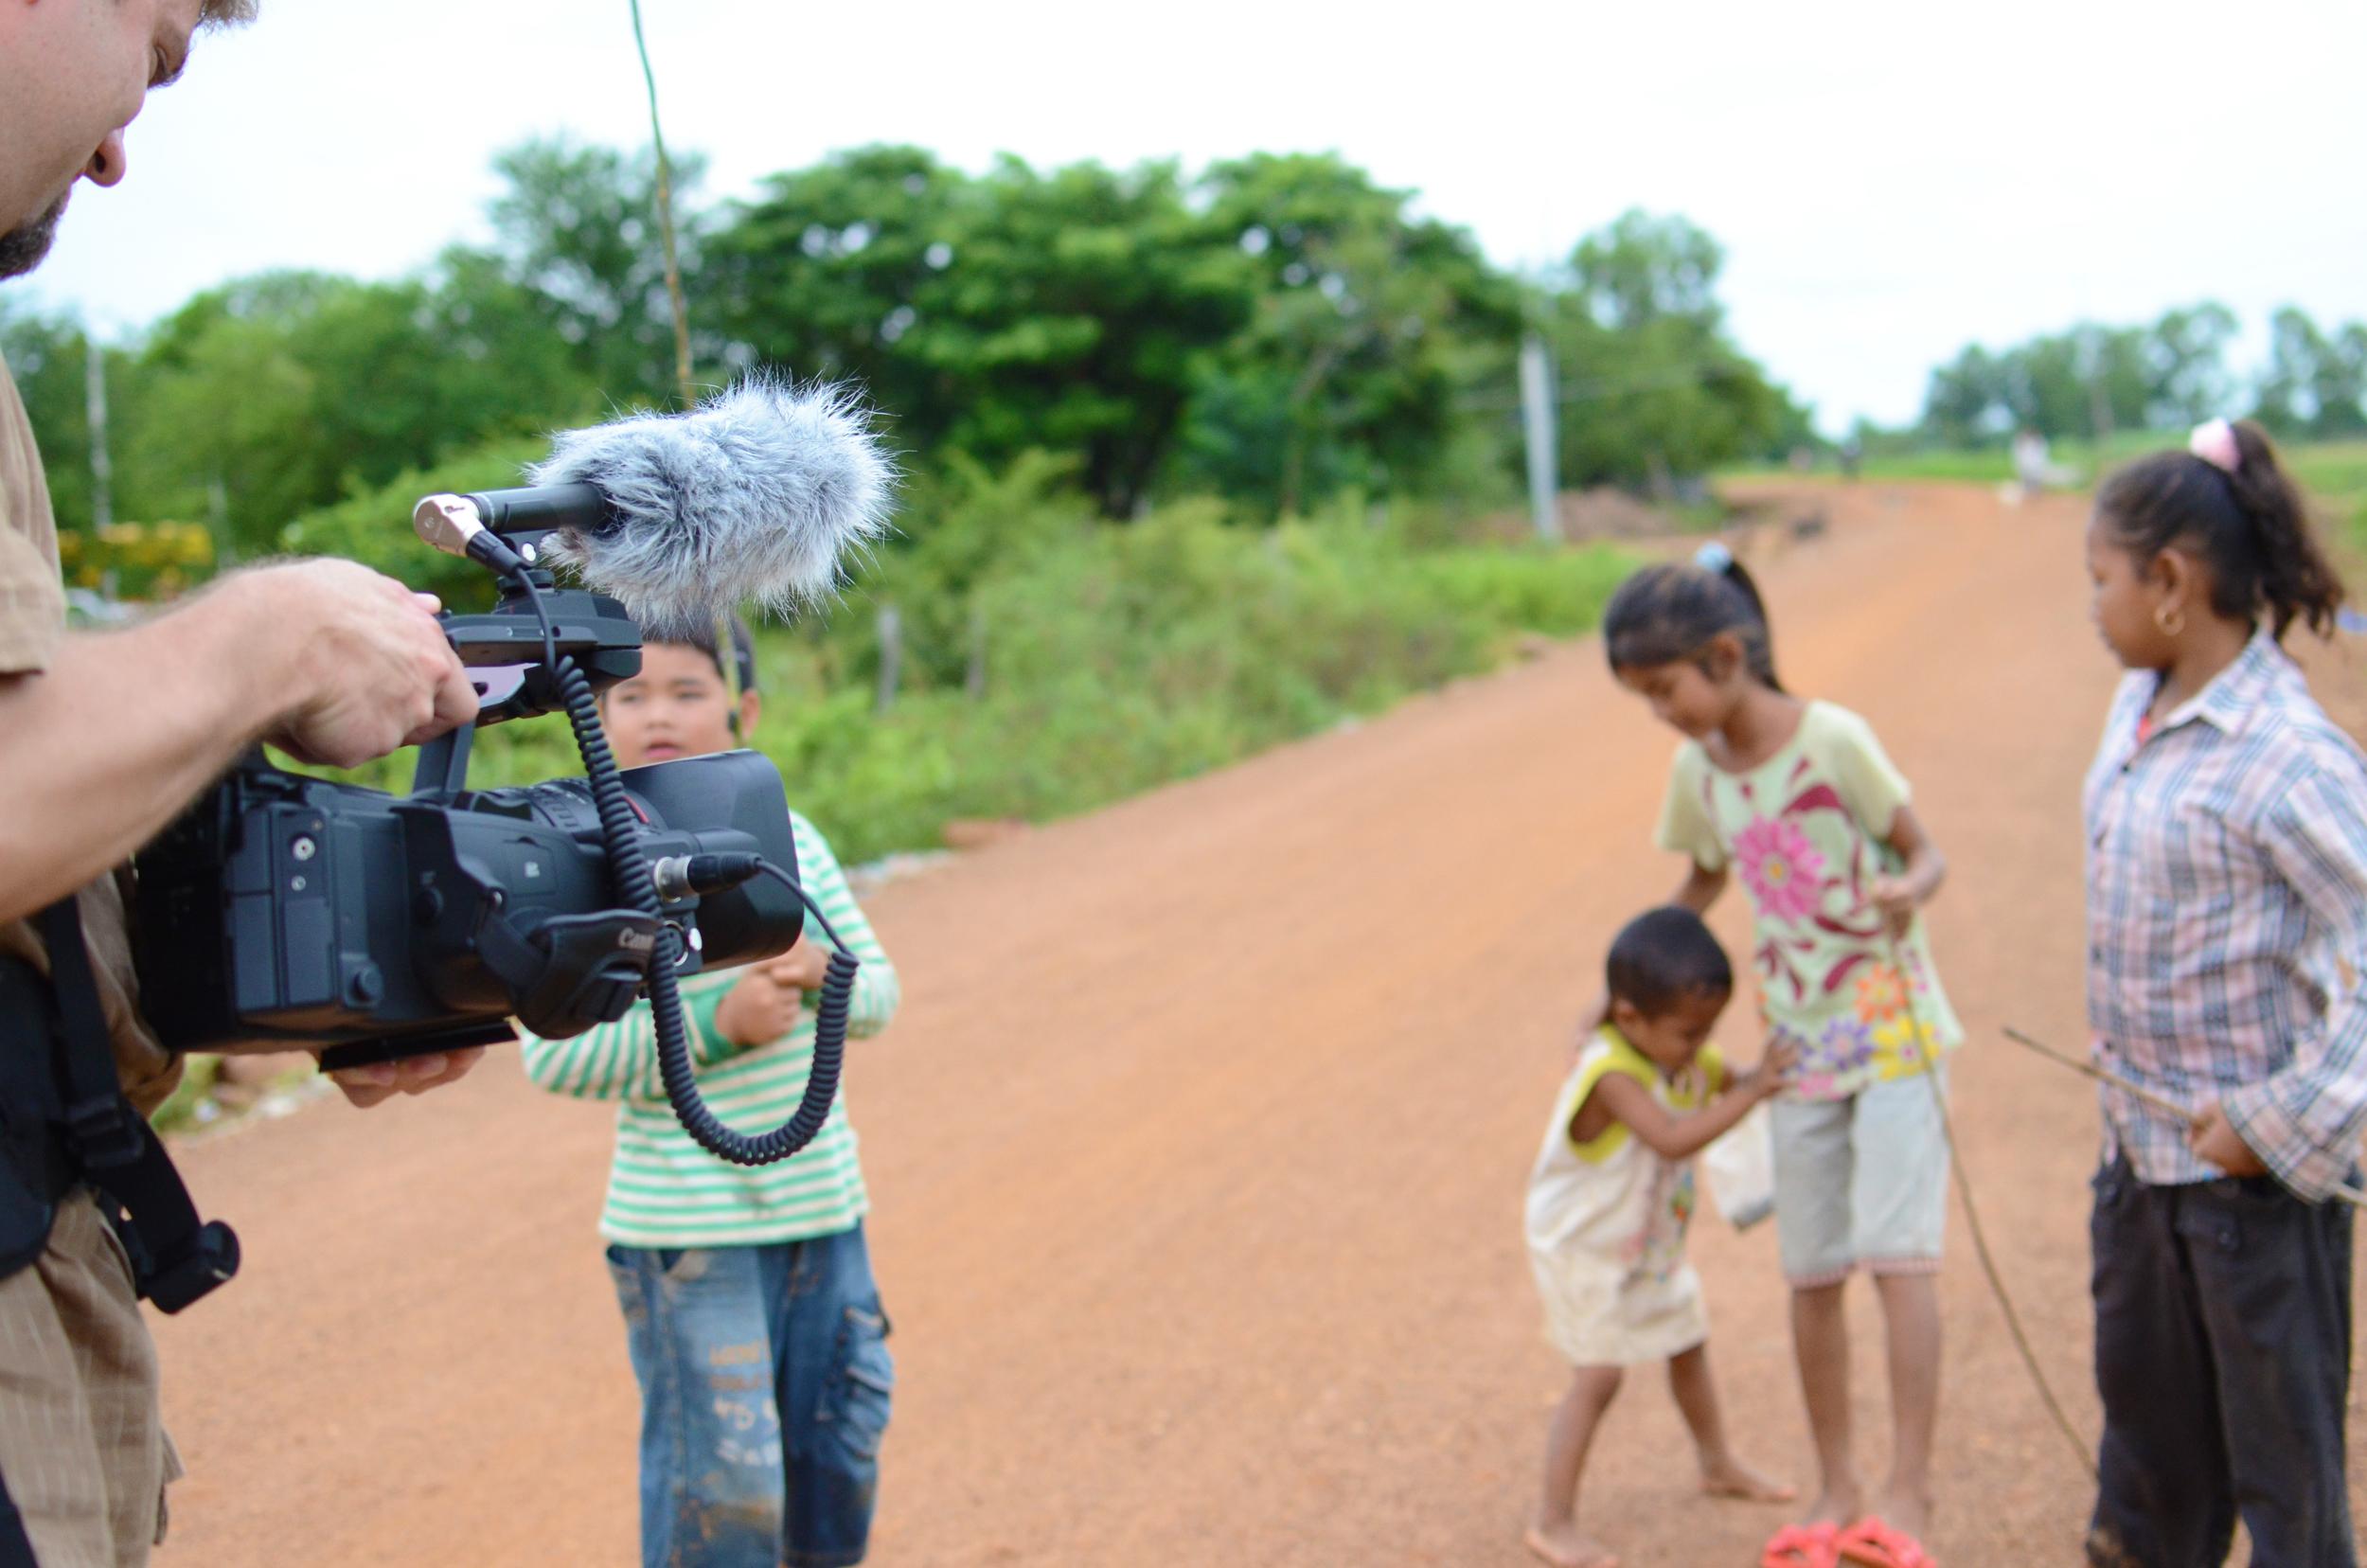 Todd in Cambodia, 2011